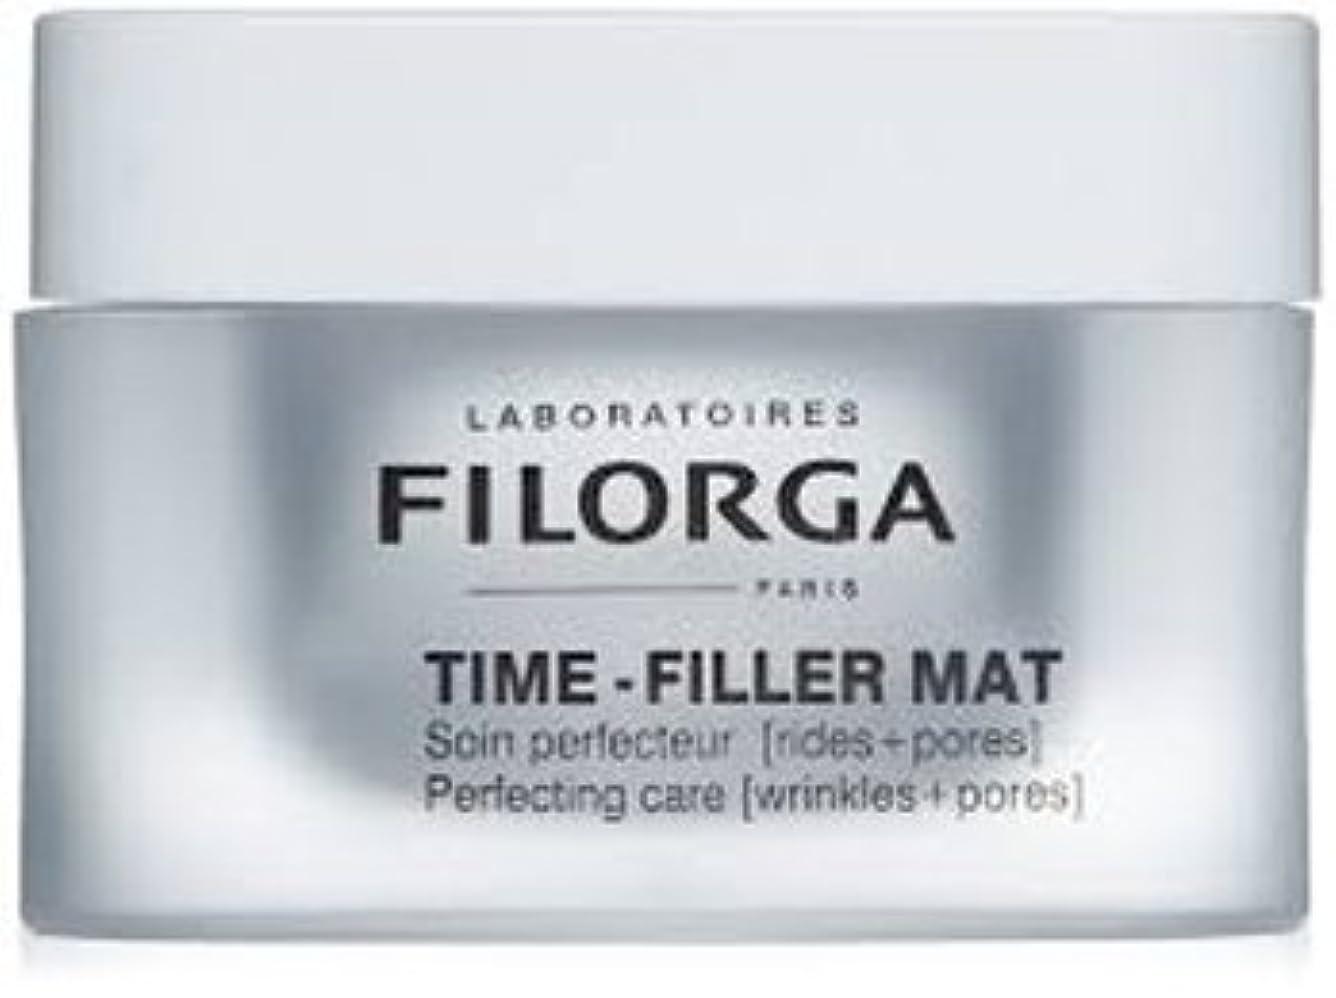 ファイター落胆させるふくろう[フィロルガ] タイムフィラーMAT TIME FILLER MAT 50ml [海外直送品][フランス直送品] [並行輸入品]